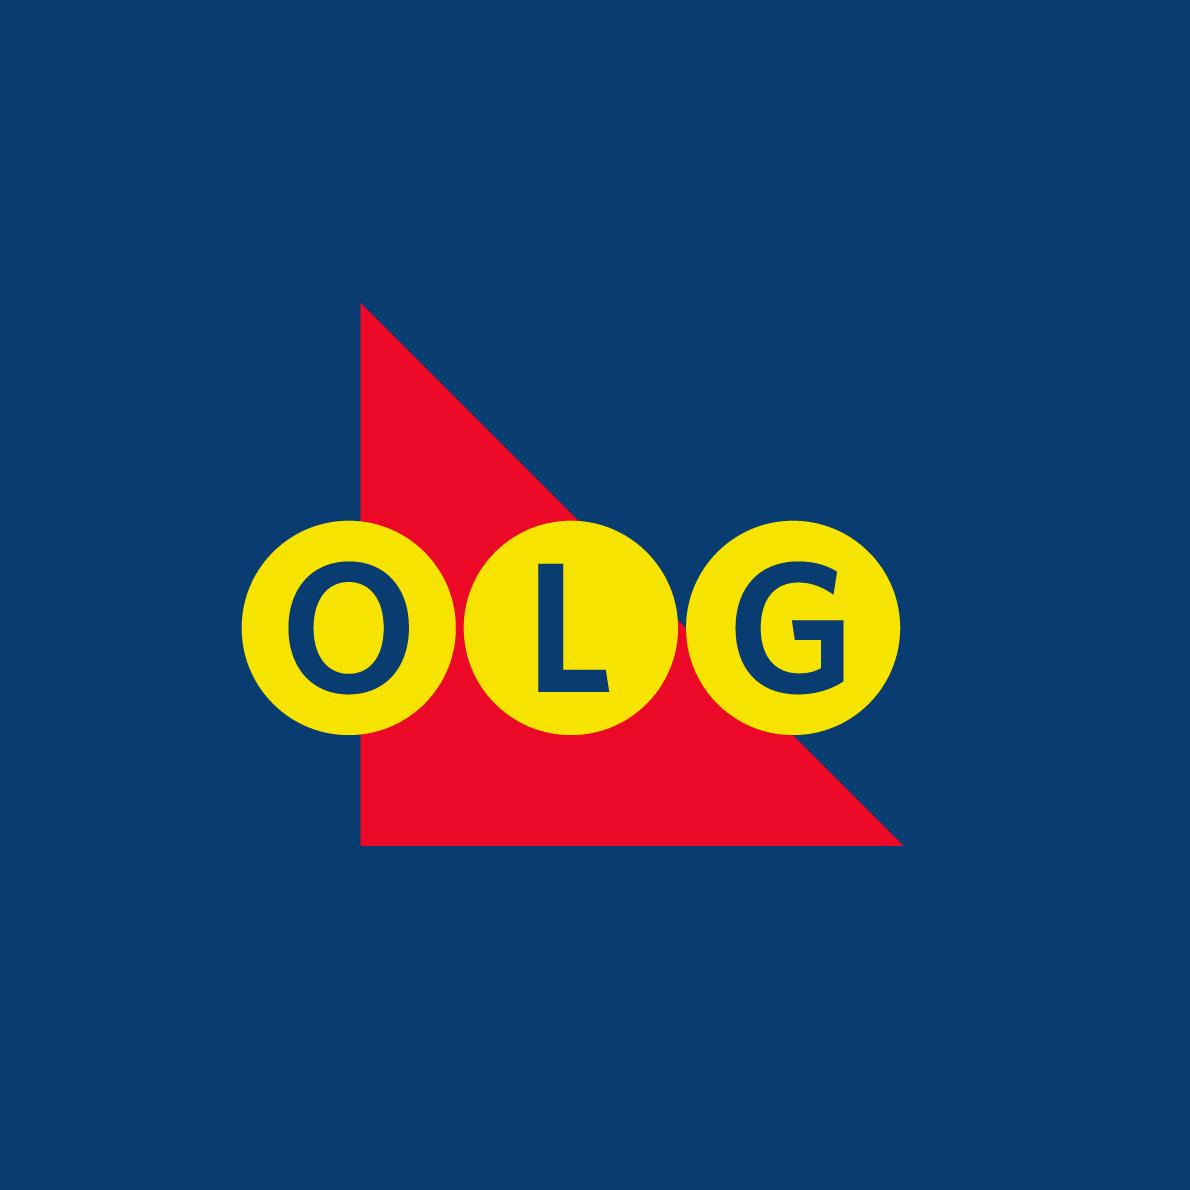 OLG_Primary_logo-min